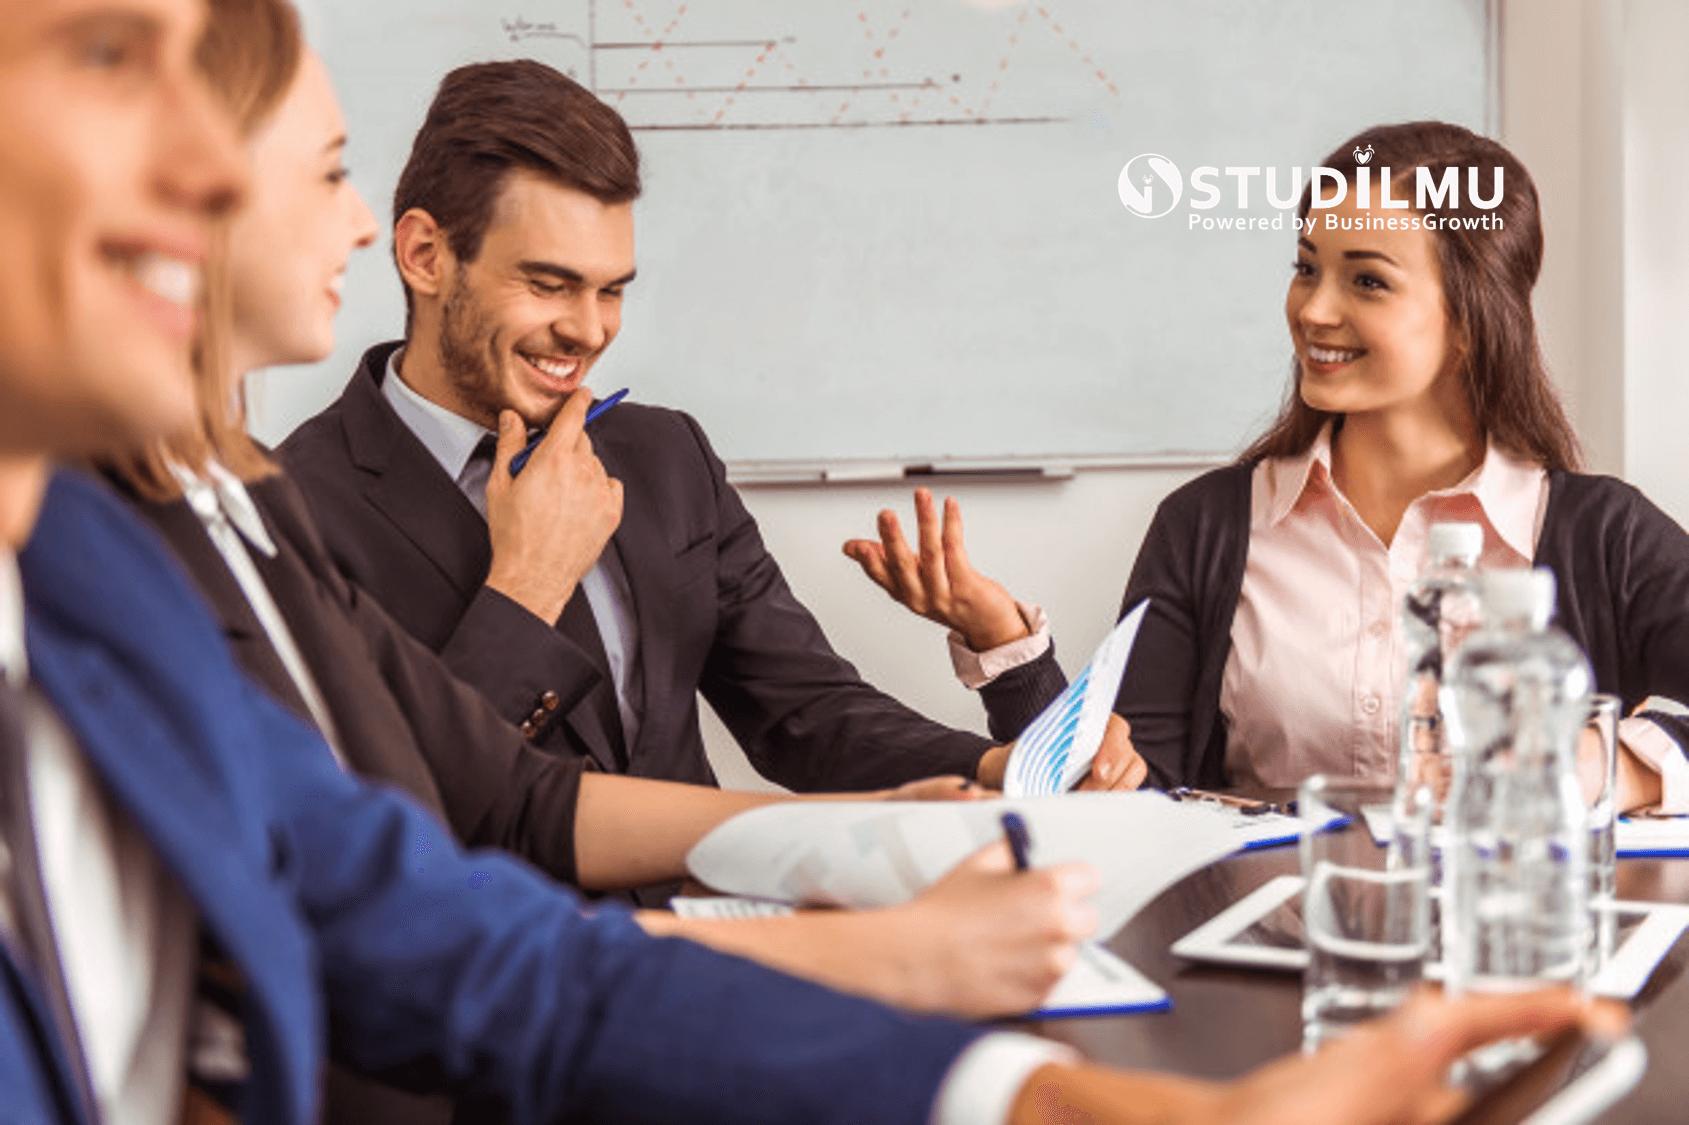 STUDILMU Career Advice - Pengertian Komunikasi secara Umum dan Tujuan Komunikasi